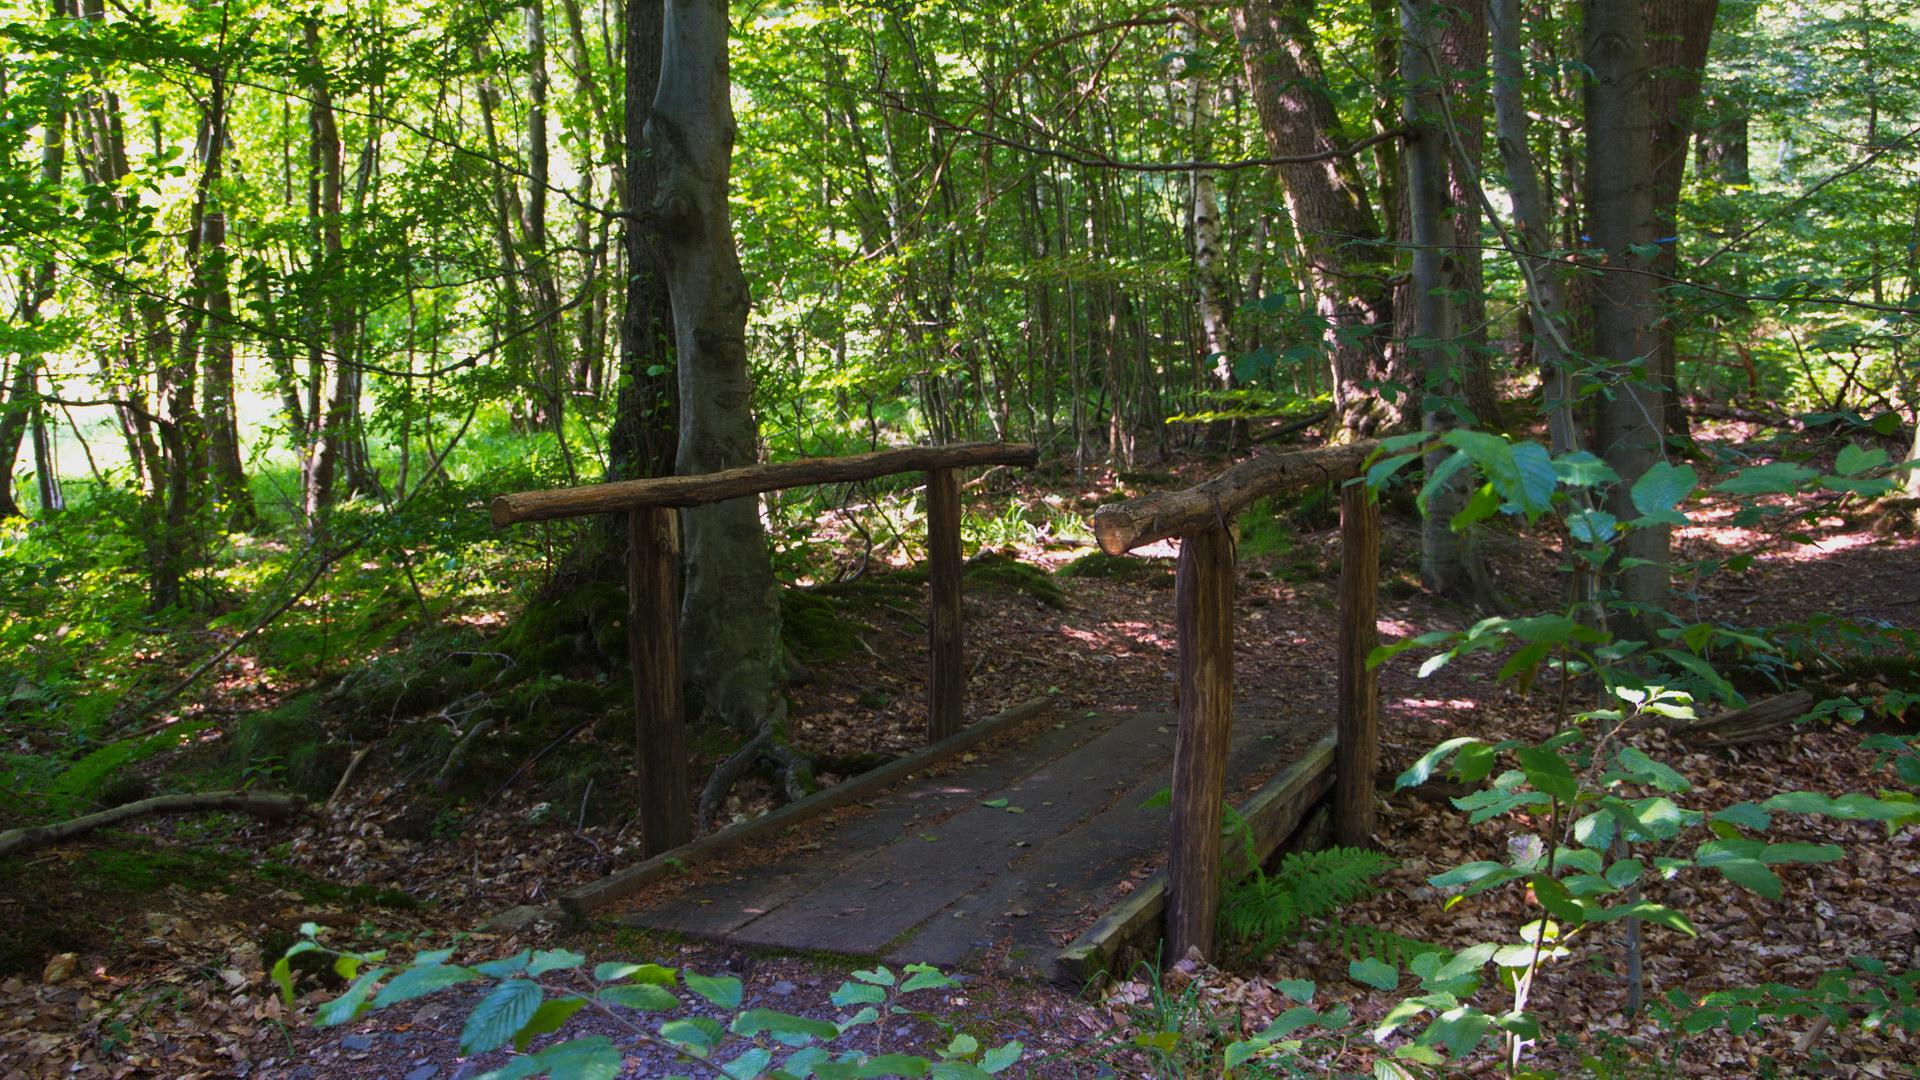 Kleine Holzbrücke im Wald Alt Sonne grün Bäume Sträucher Blätter Moos